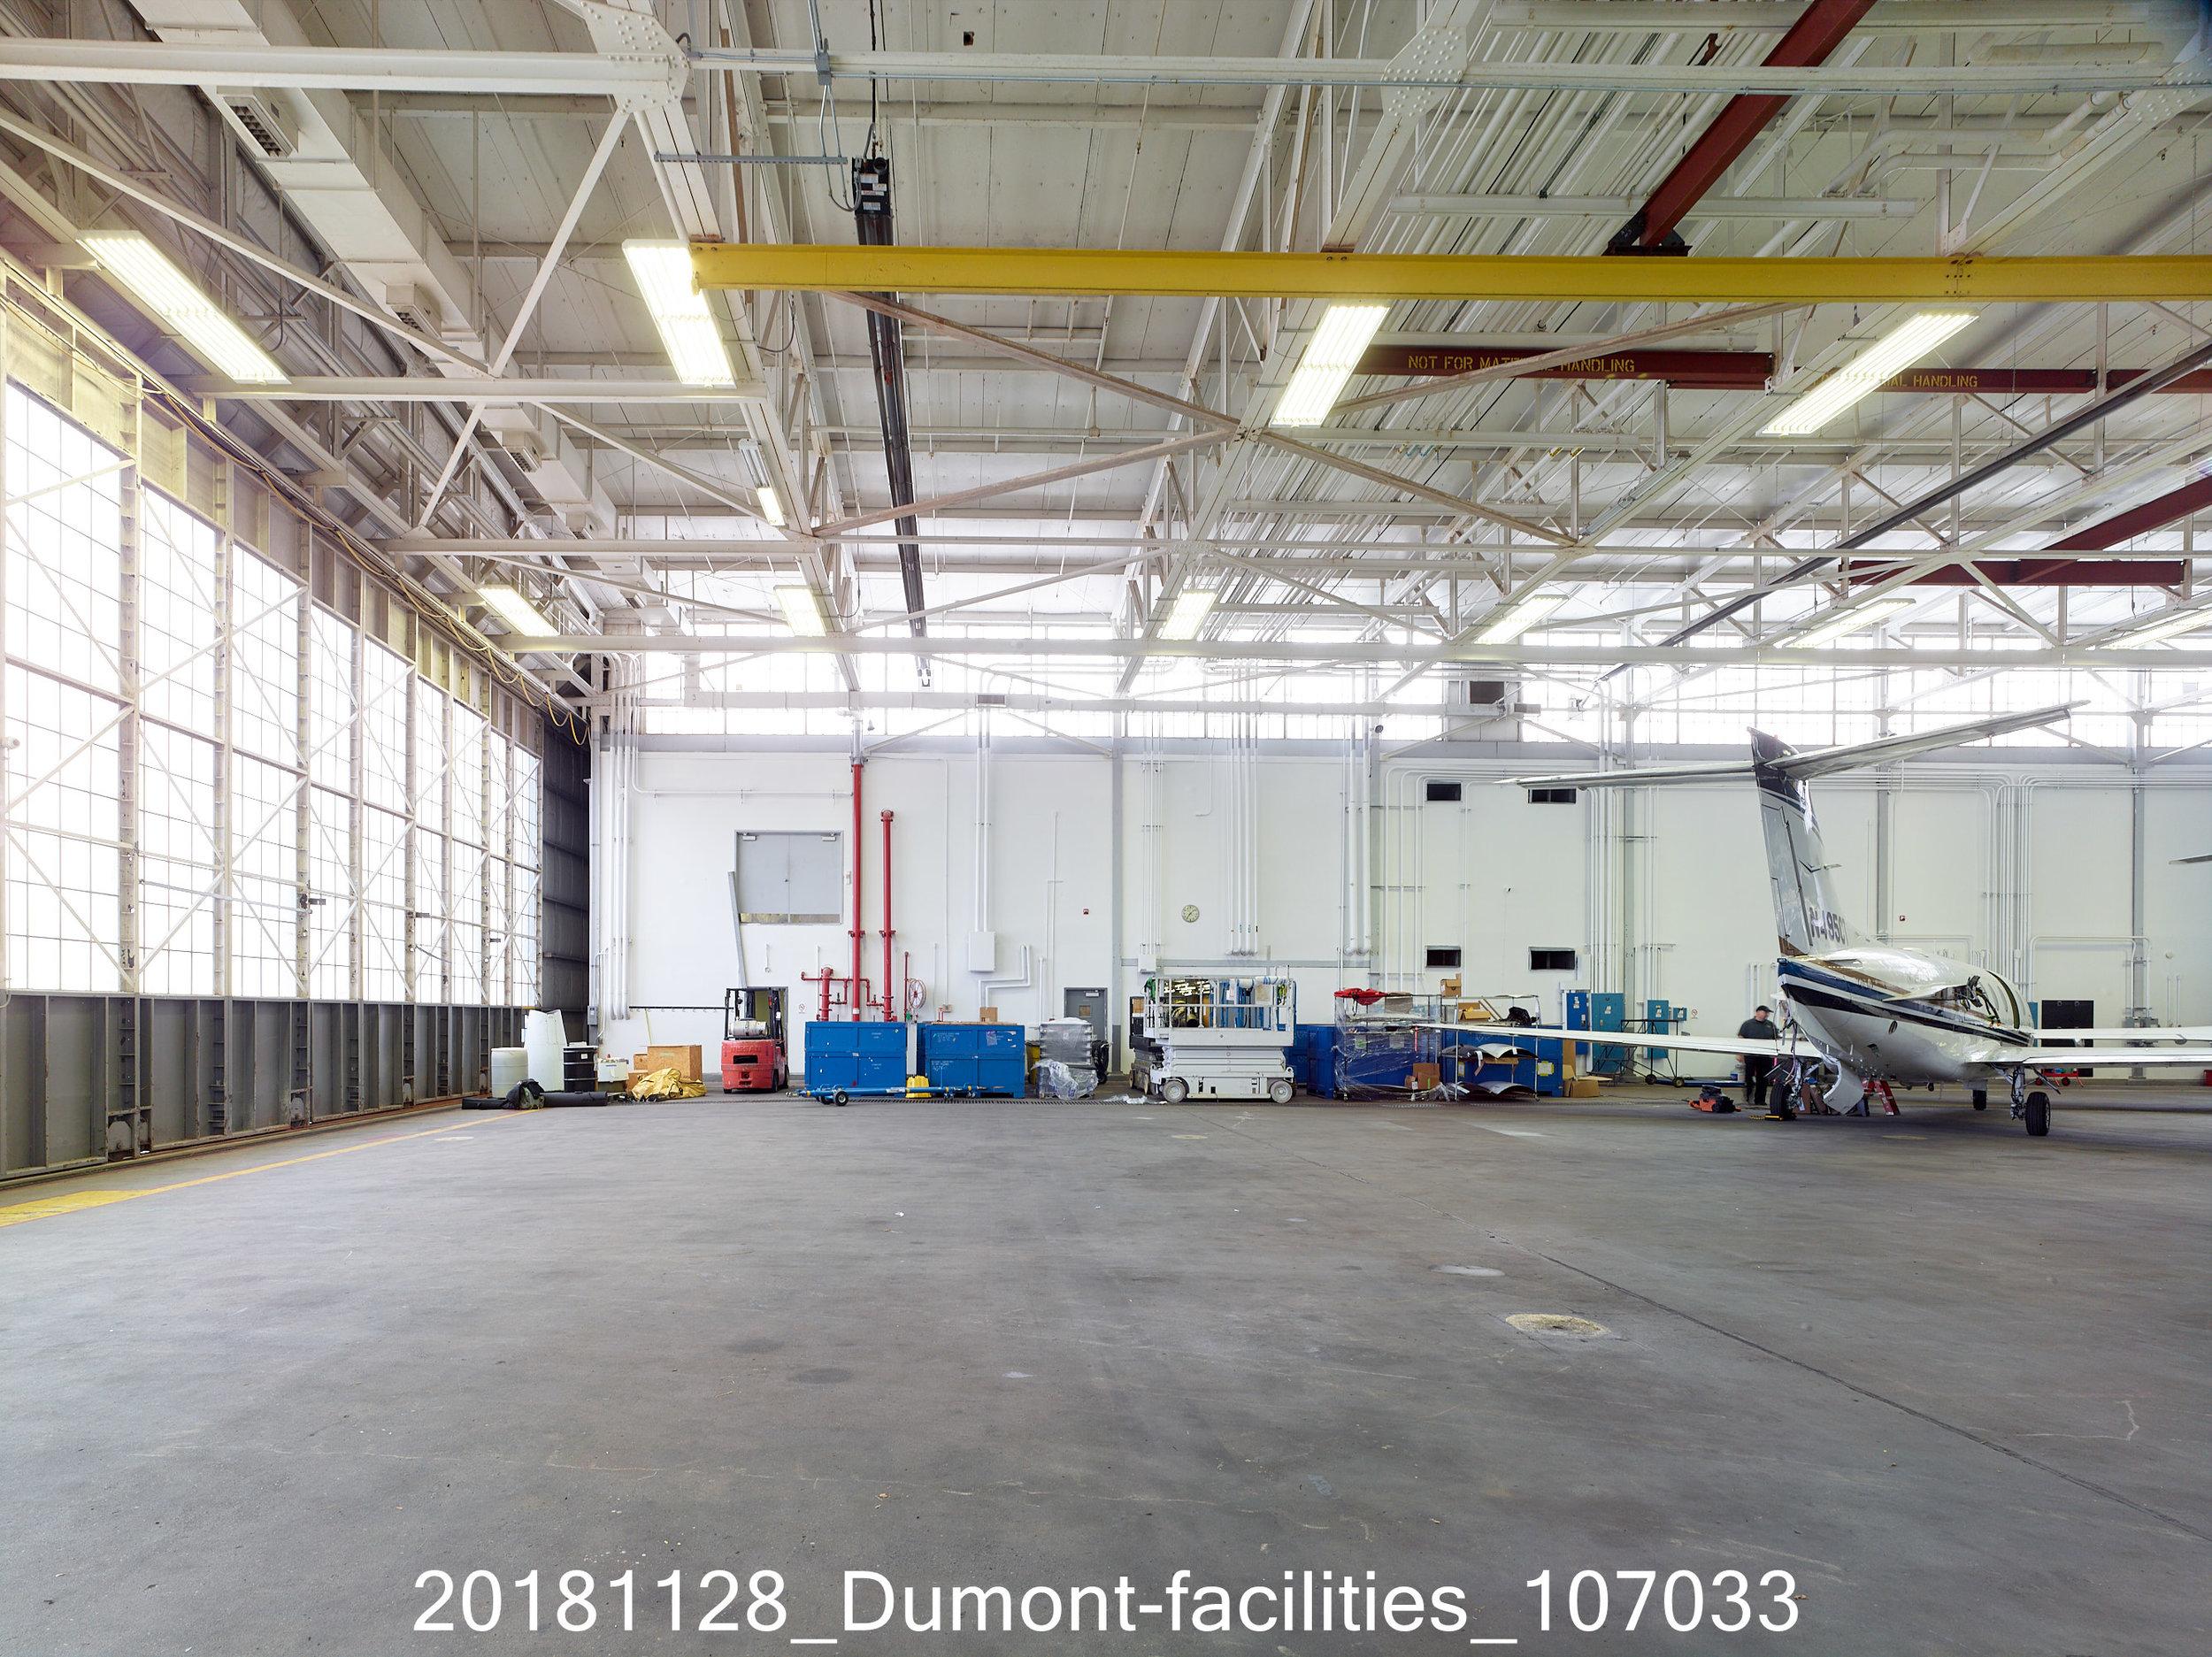 20181128_Dumont-facilities_107033.jpg